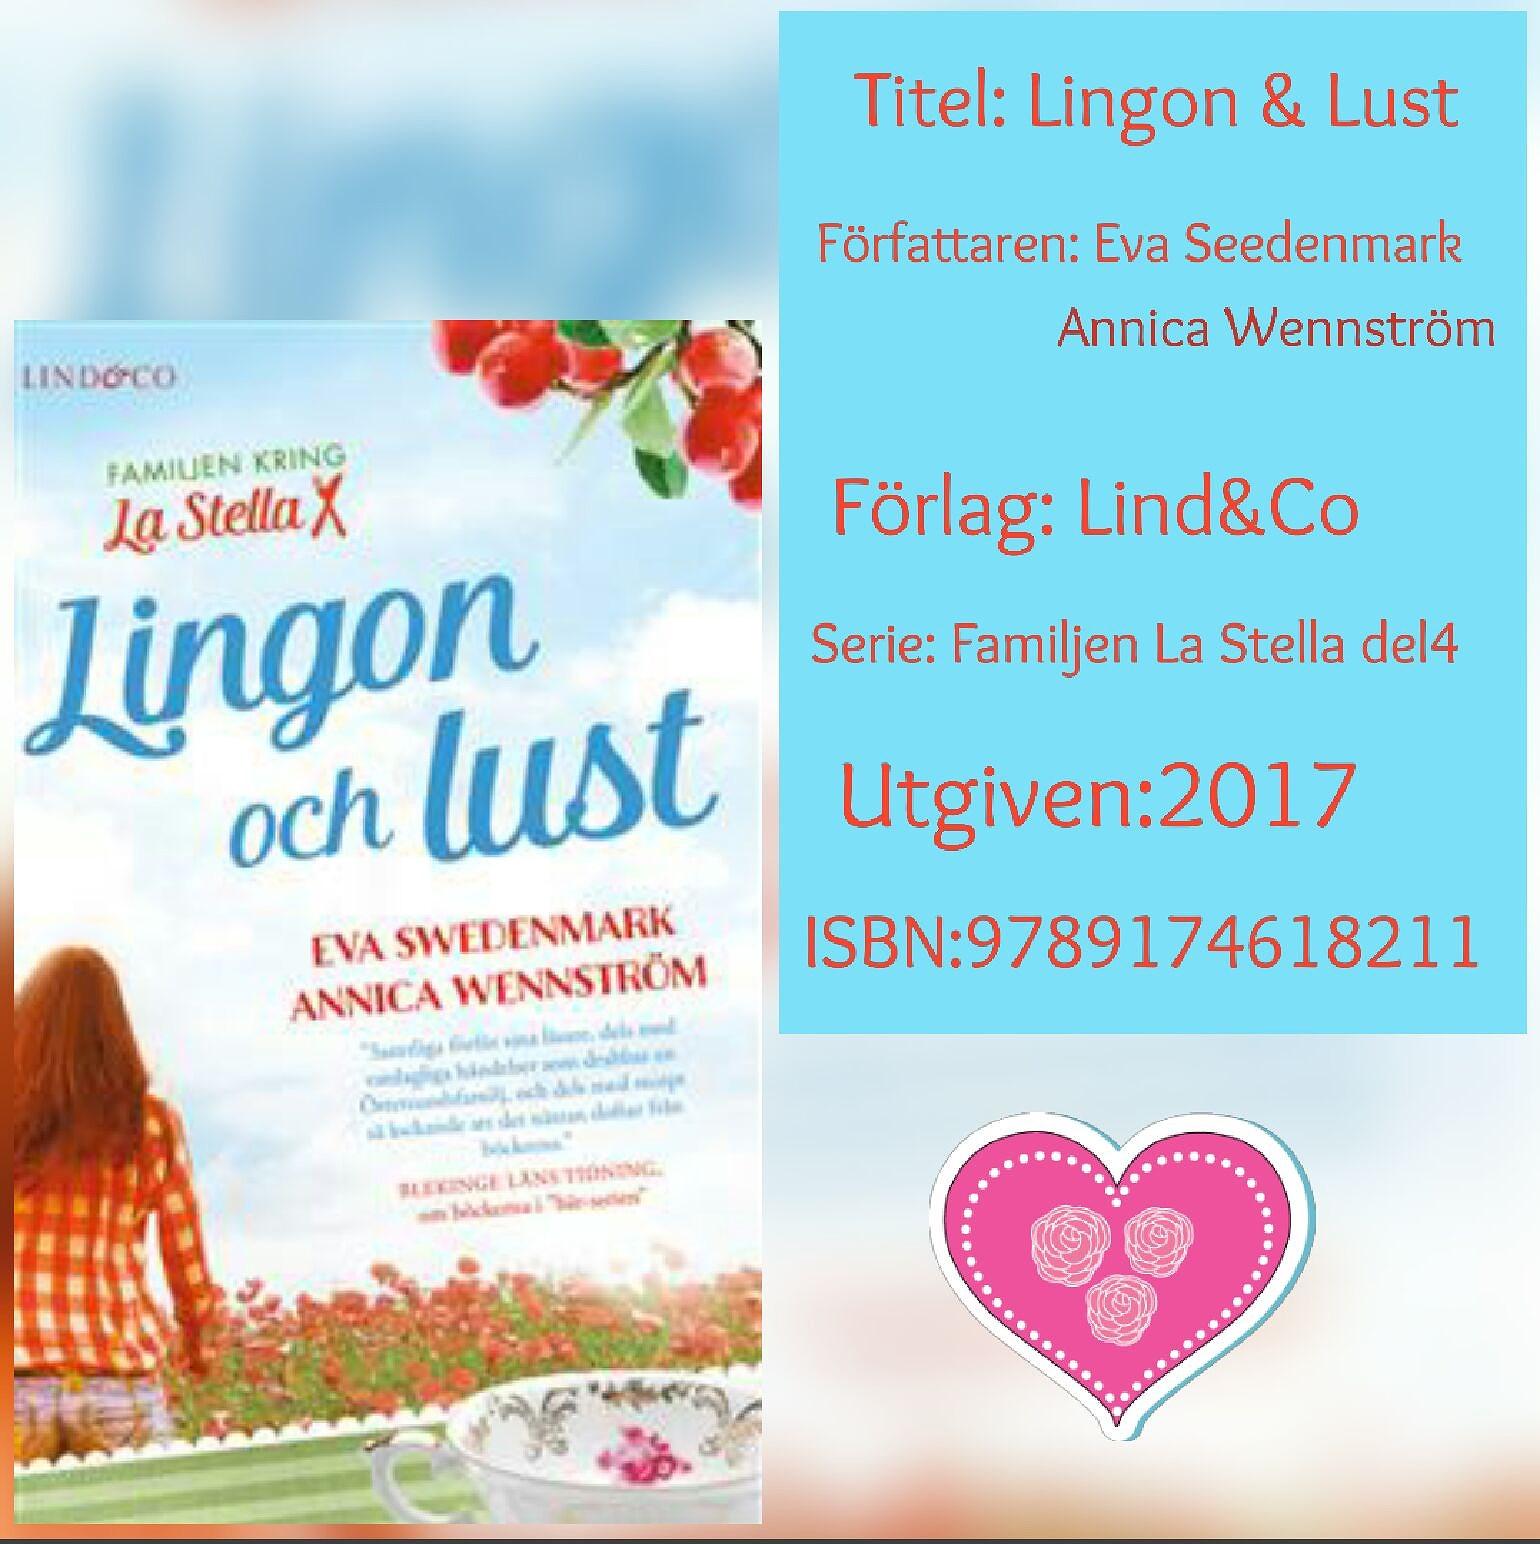 Lingon & Lust - Eva Swedenmark Annica Wennström